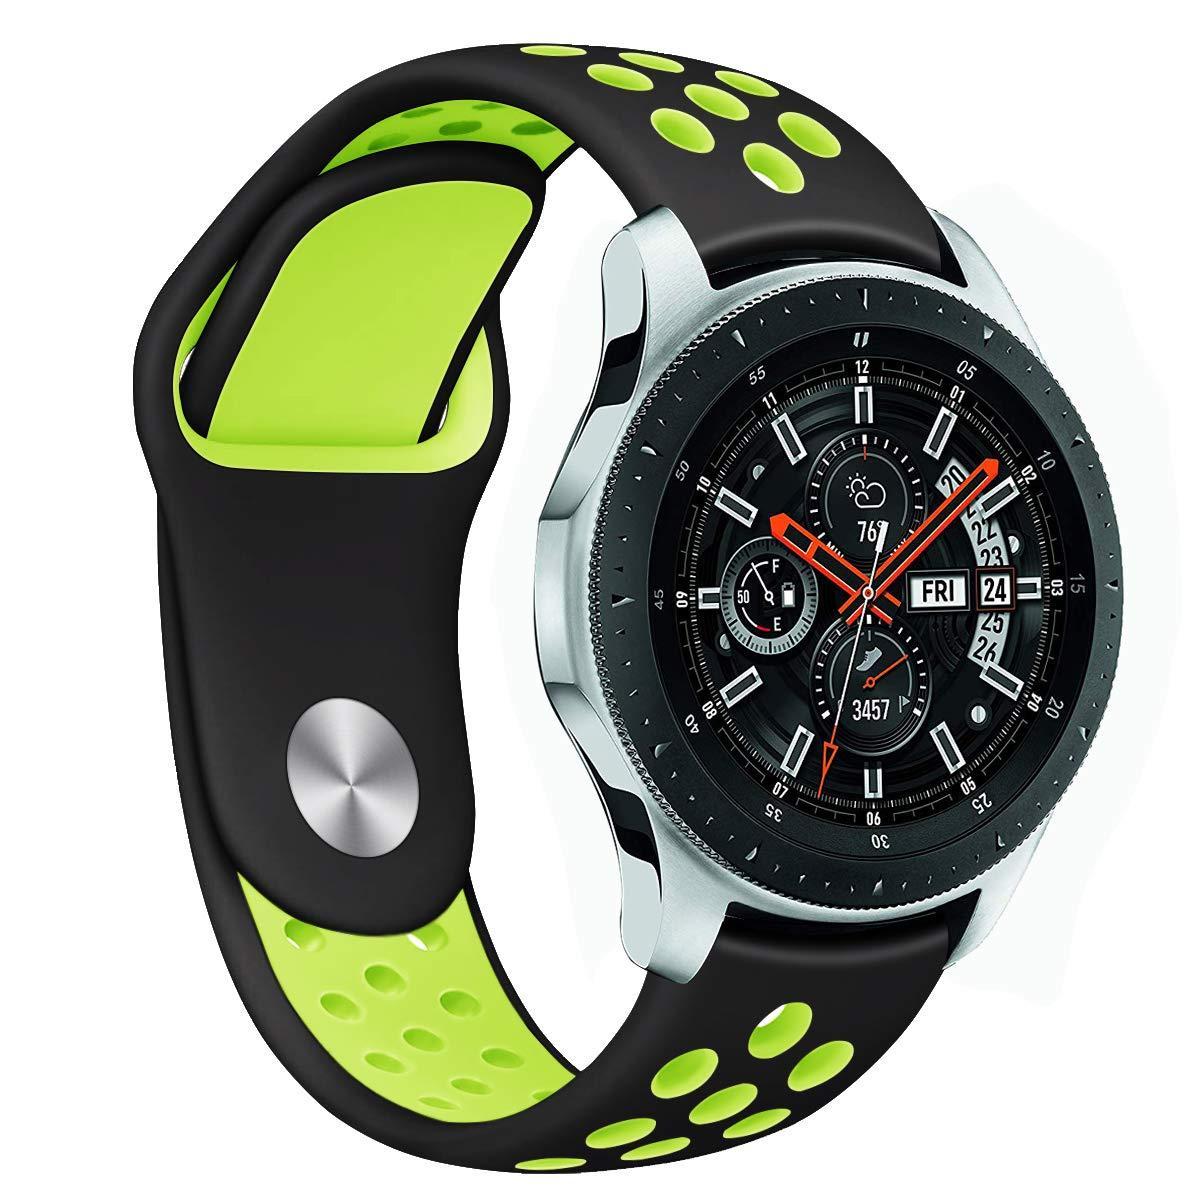 Ремінець BeWatch sport-style для Samsung Galaxy Watch 46 мм Чорно-Салатовий (1020116)